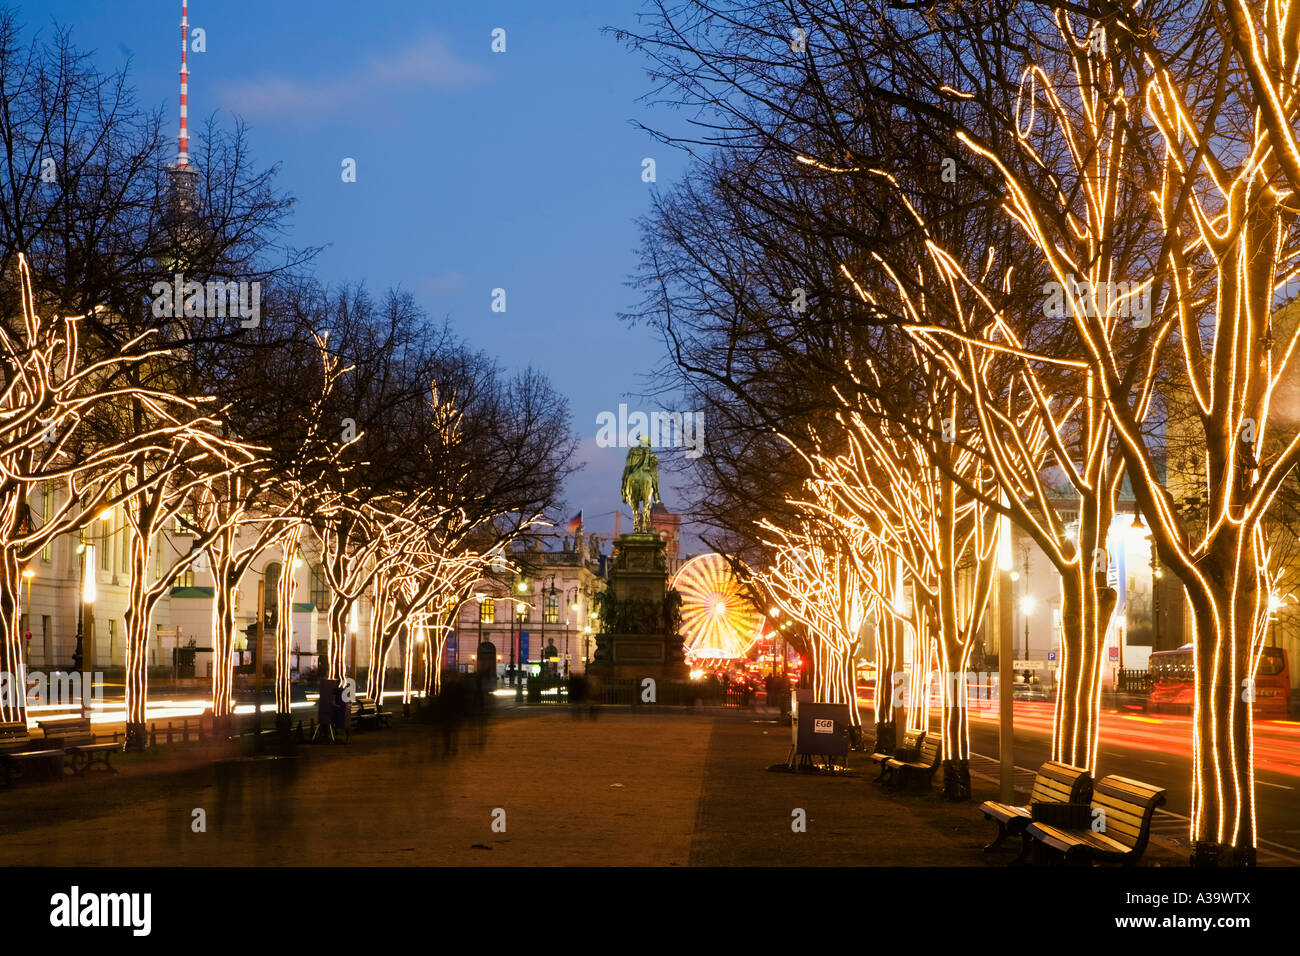 Unter Den Linden Weihnachtsbeleuchtung.Berlin Brandenburger Tor Weihnachtsbeleuchtung Weihnachtsbeleuchtung